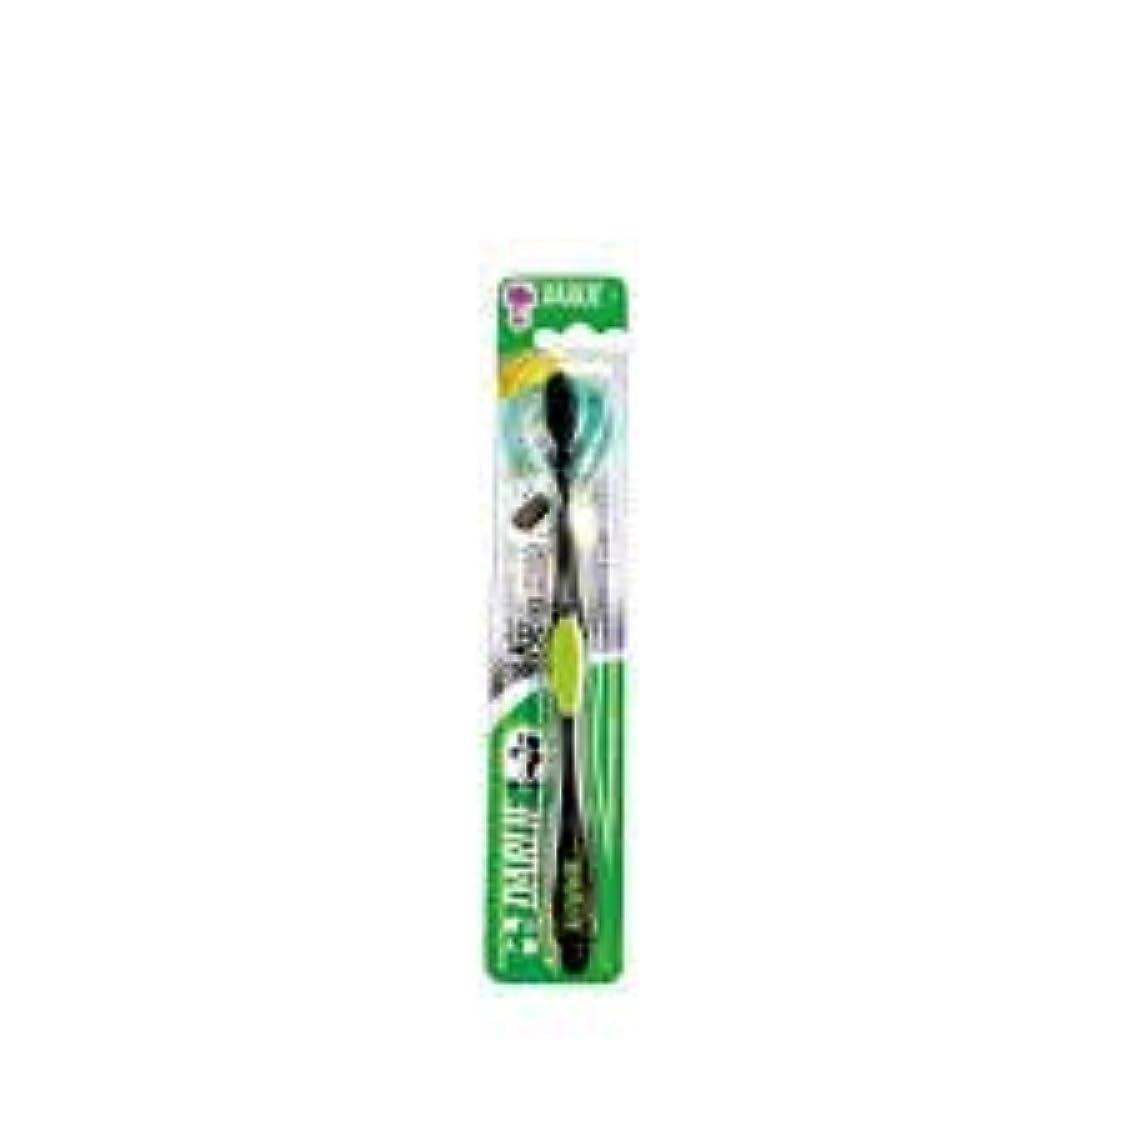 紳士外交簡単にDARLIE チャコールブラック歯磨き粉歯ブラシのクリーニングはテーパ1S-口臭を防止するために、活性炭粒子で強化毛。